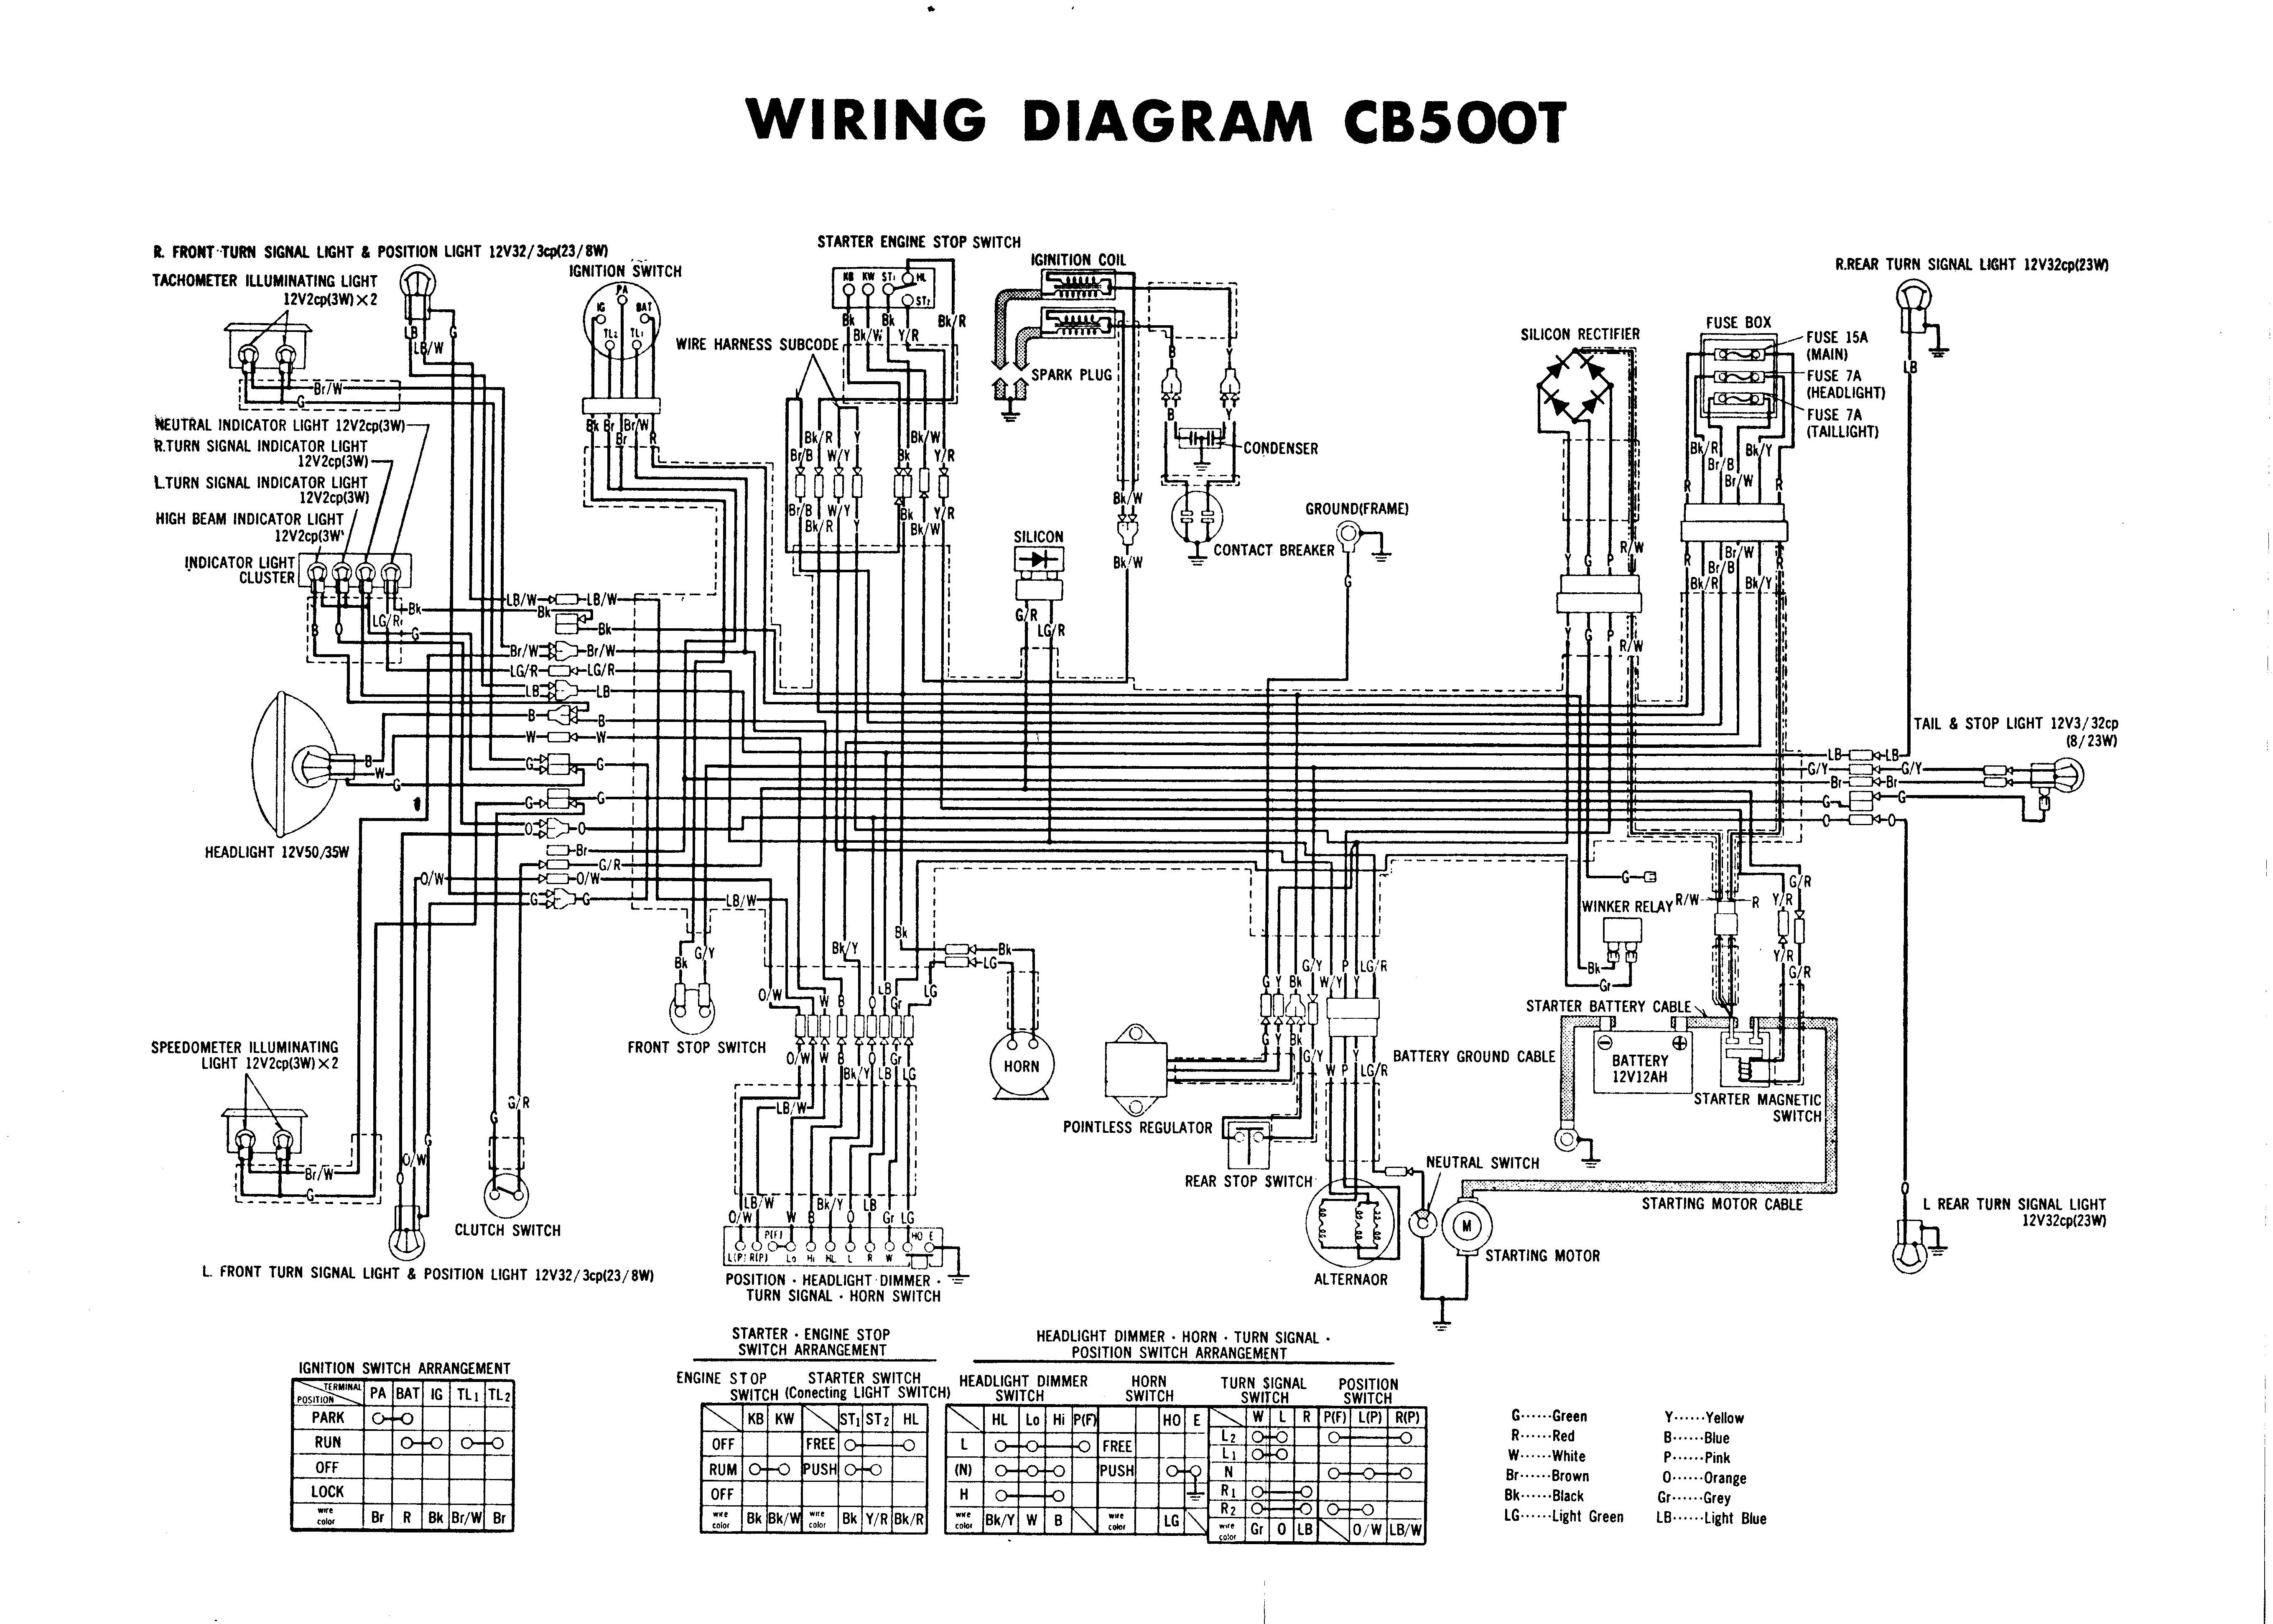 medium resolution of cb500t wiring diagram wiring diagram world honda cb500t wiring diagram cb500t wiring diagram wiring diagram expert